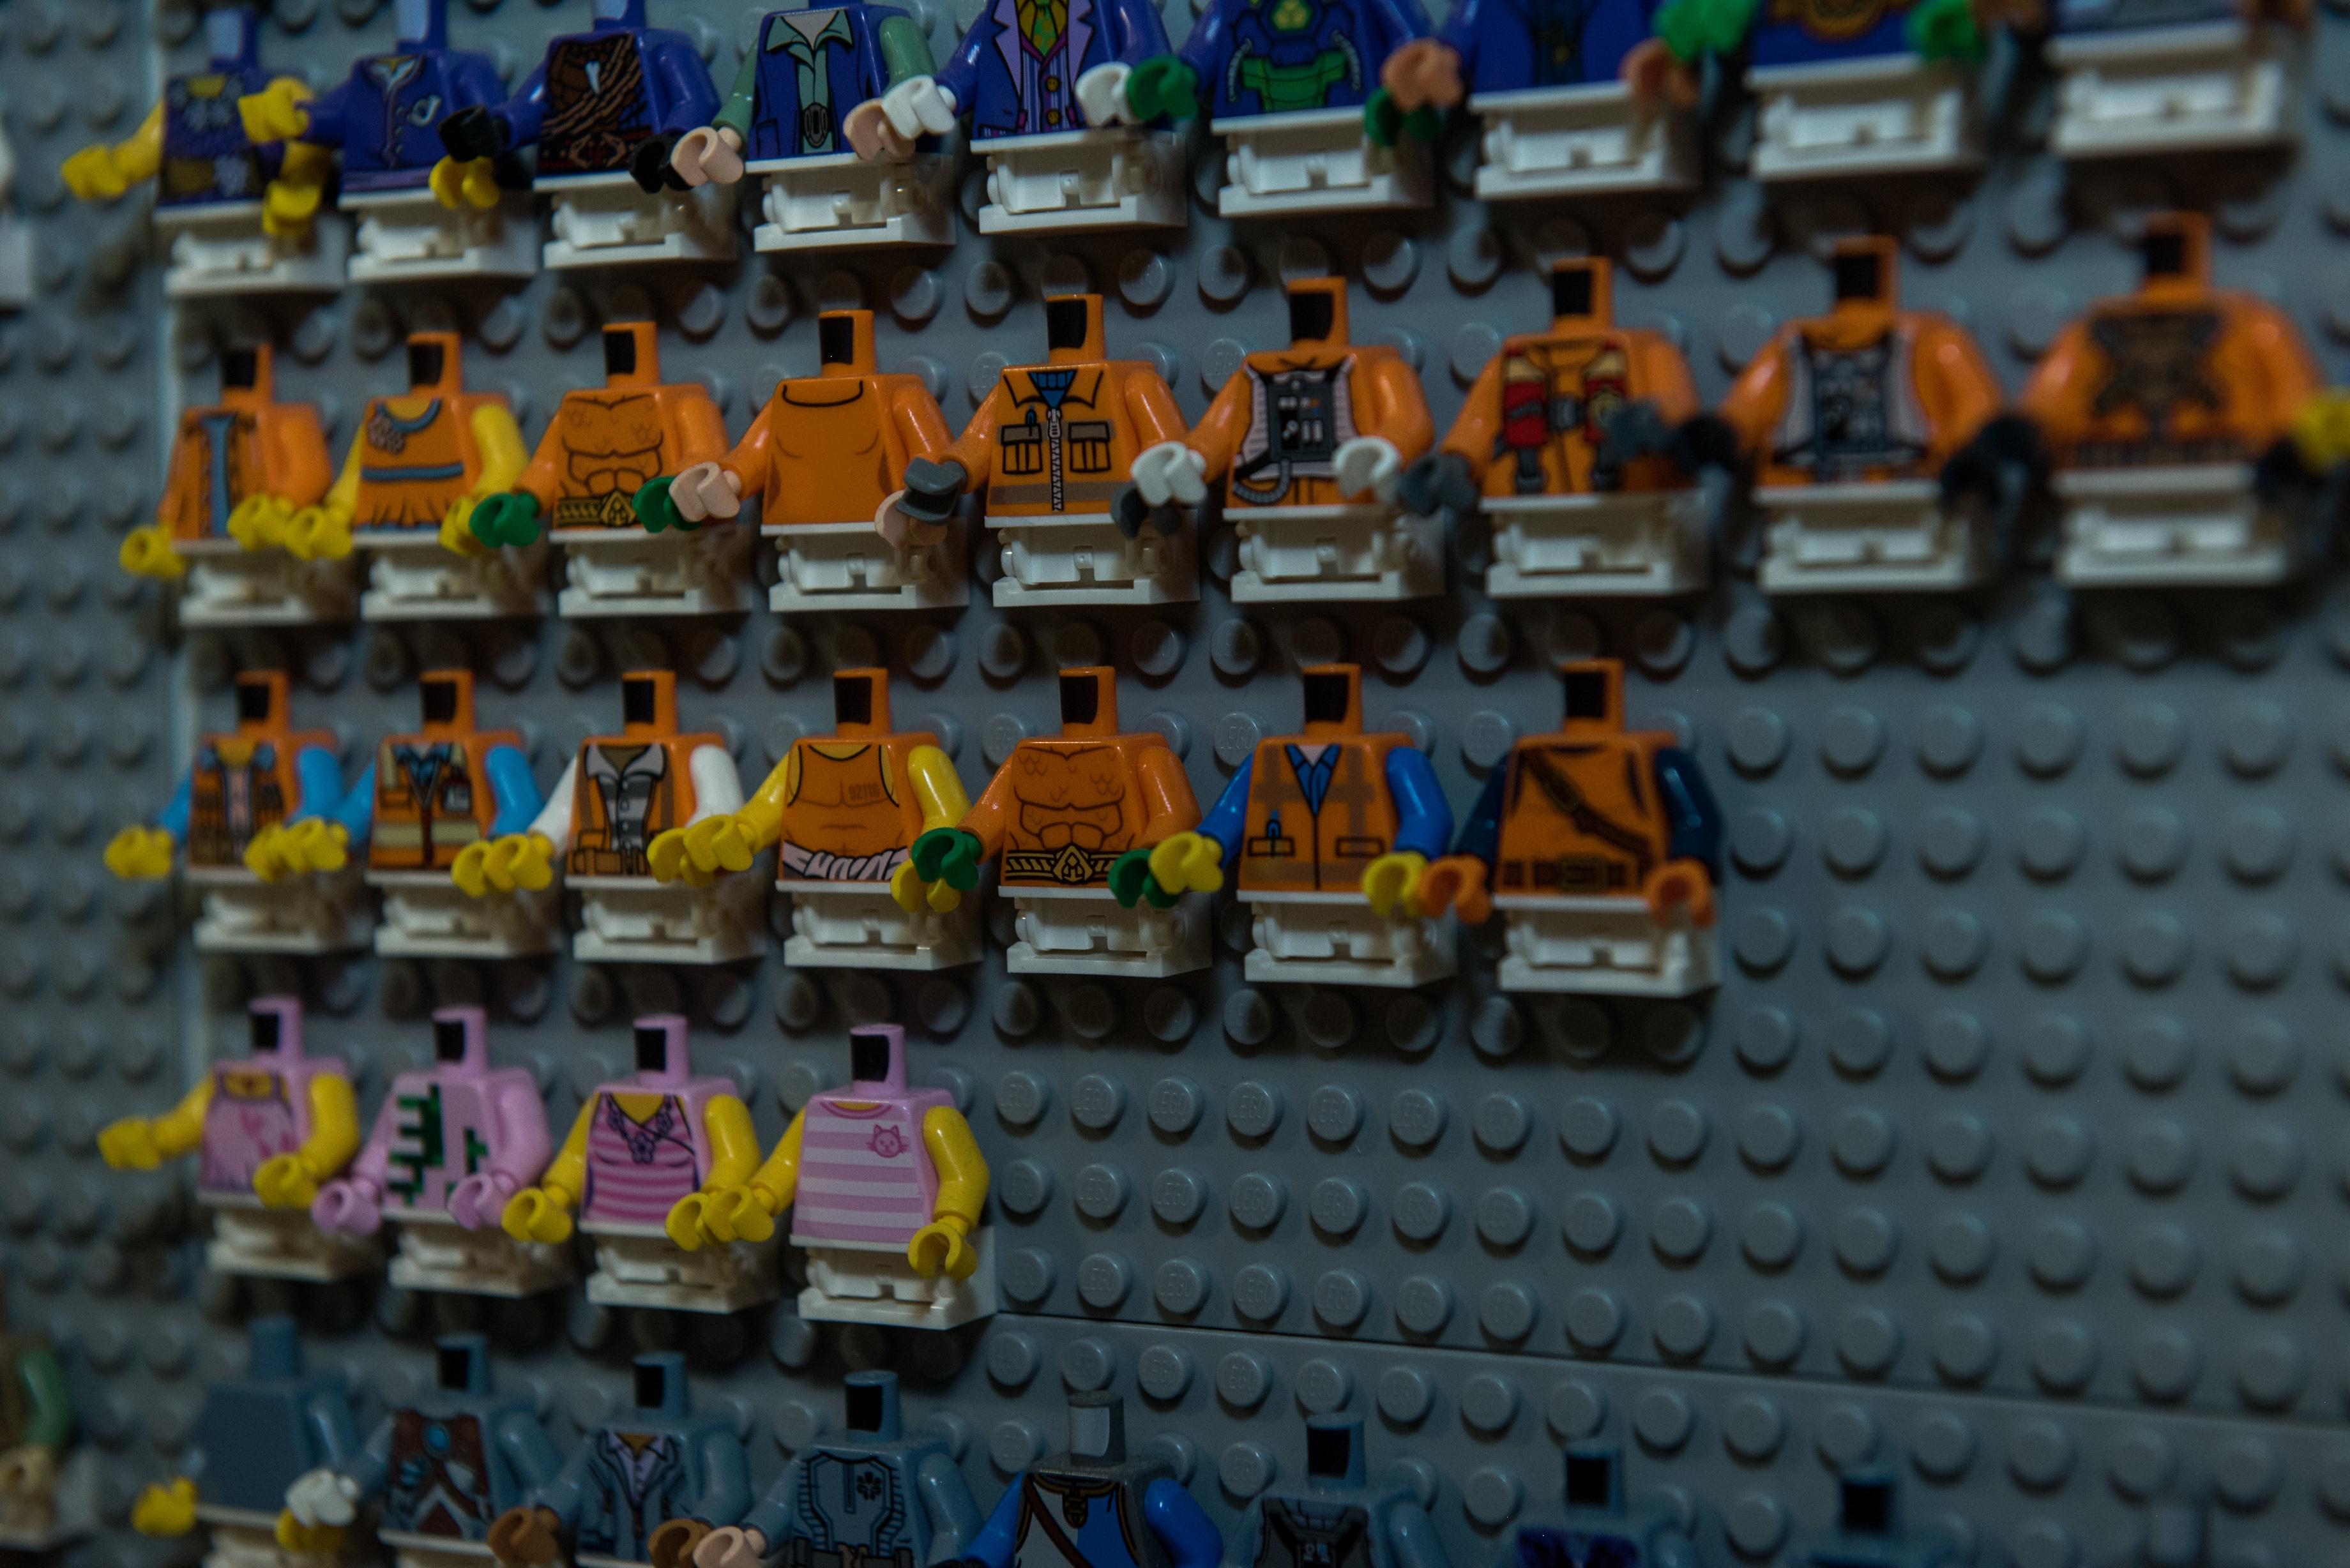 fot. materiały prasowe LEGO